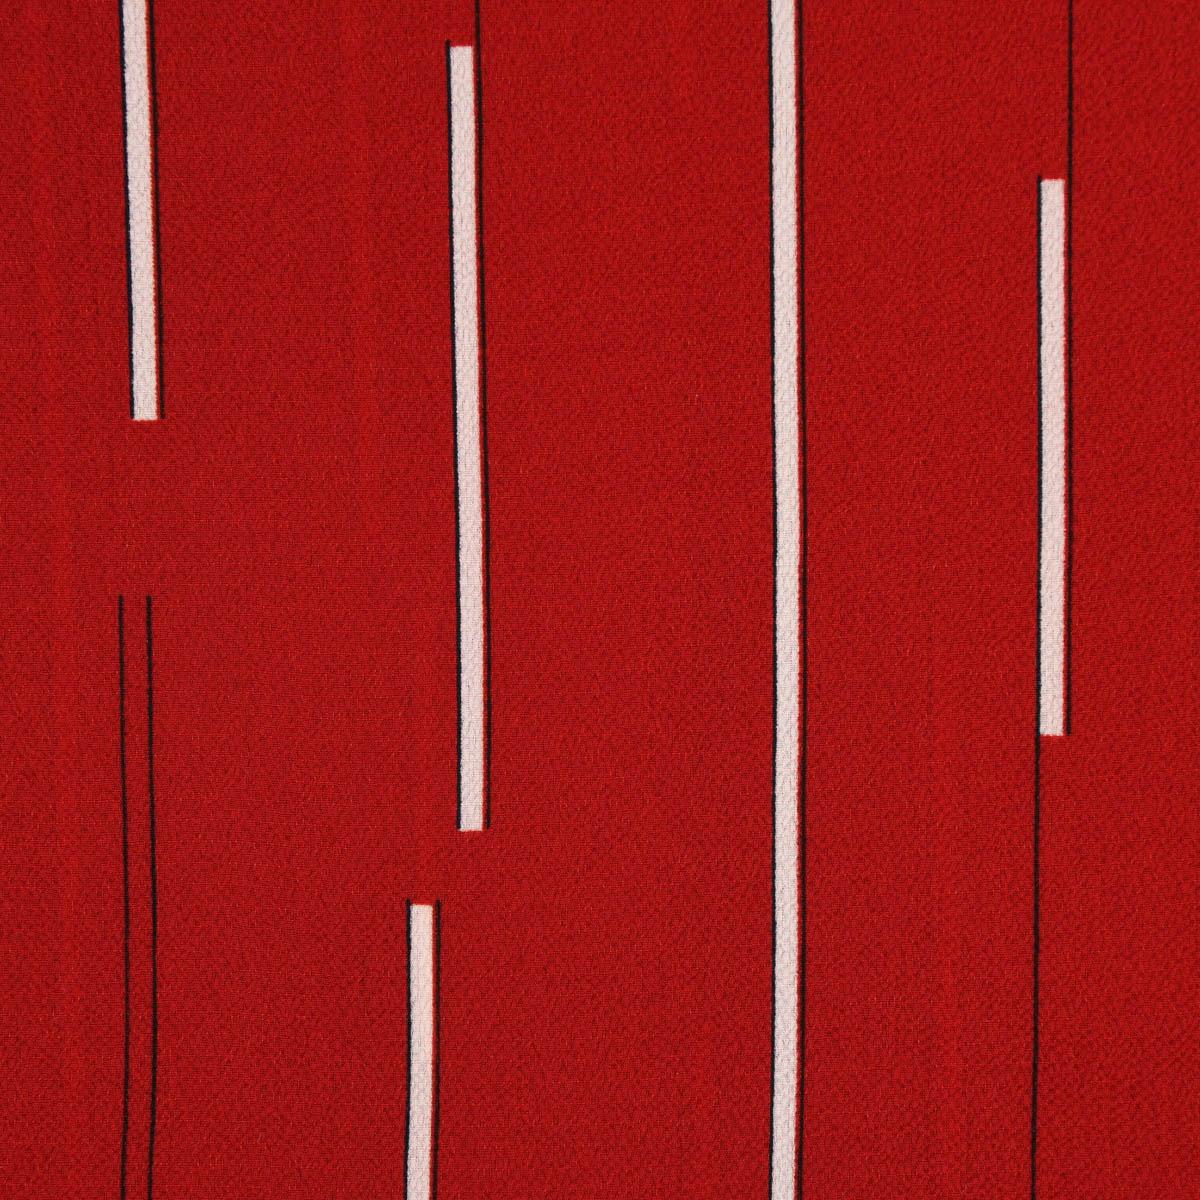 Bekleidungsstoff Chiffon Streifen rot weiß schwarz 1,45m Breite